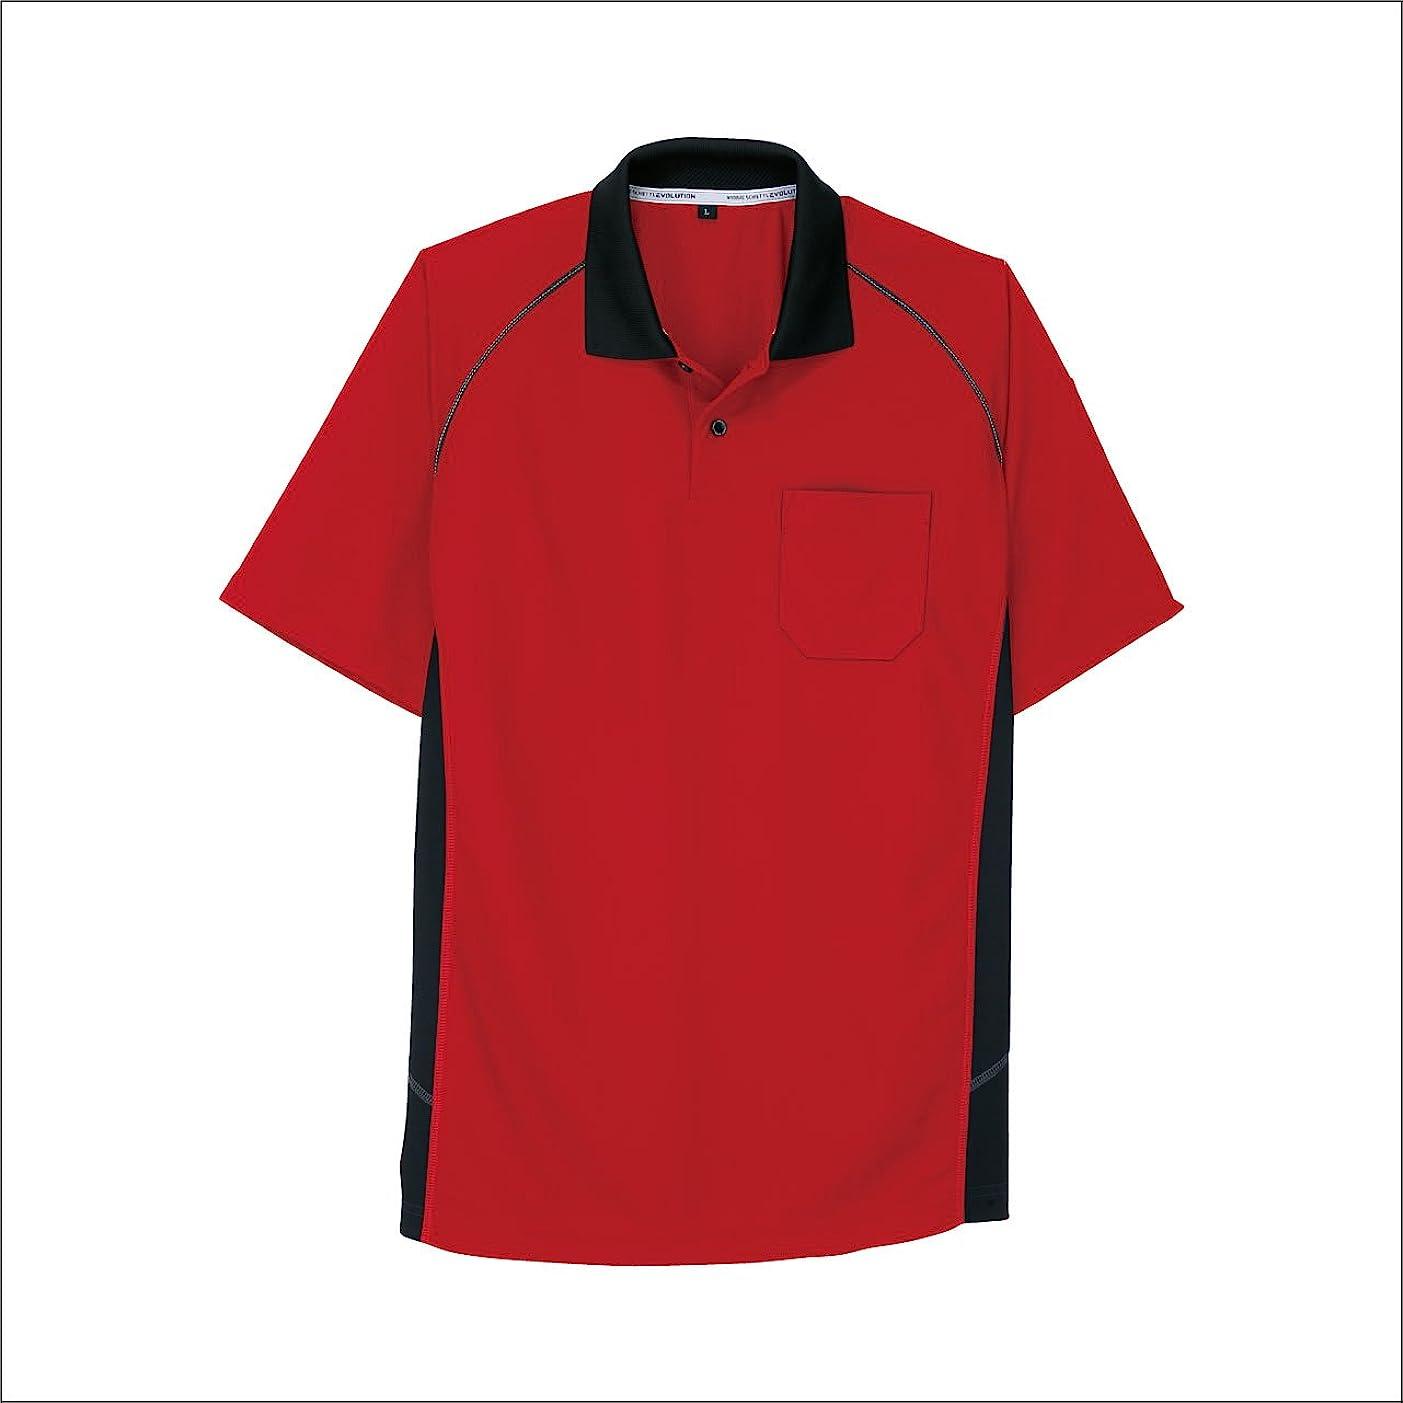 高価なやさしく露コーコス(CO-COS) 半袖ポロシャツ 作業服 作業着 ポロシャツ 視認性アップ cc-a3377